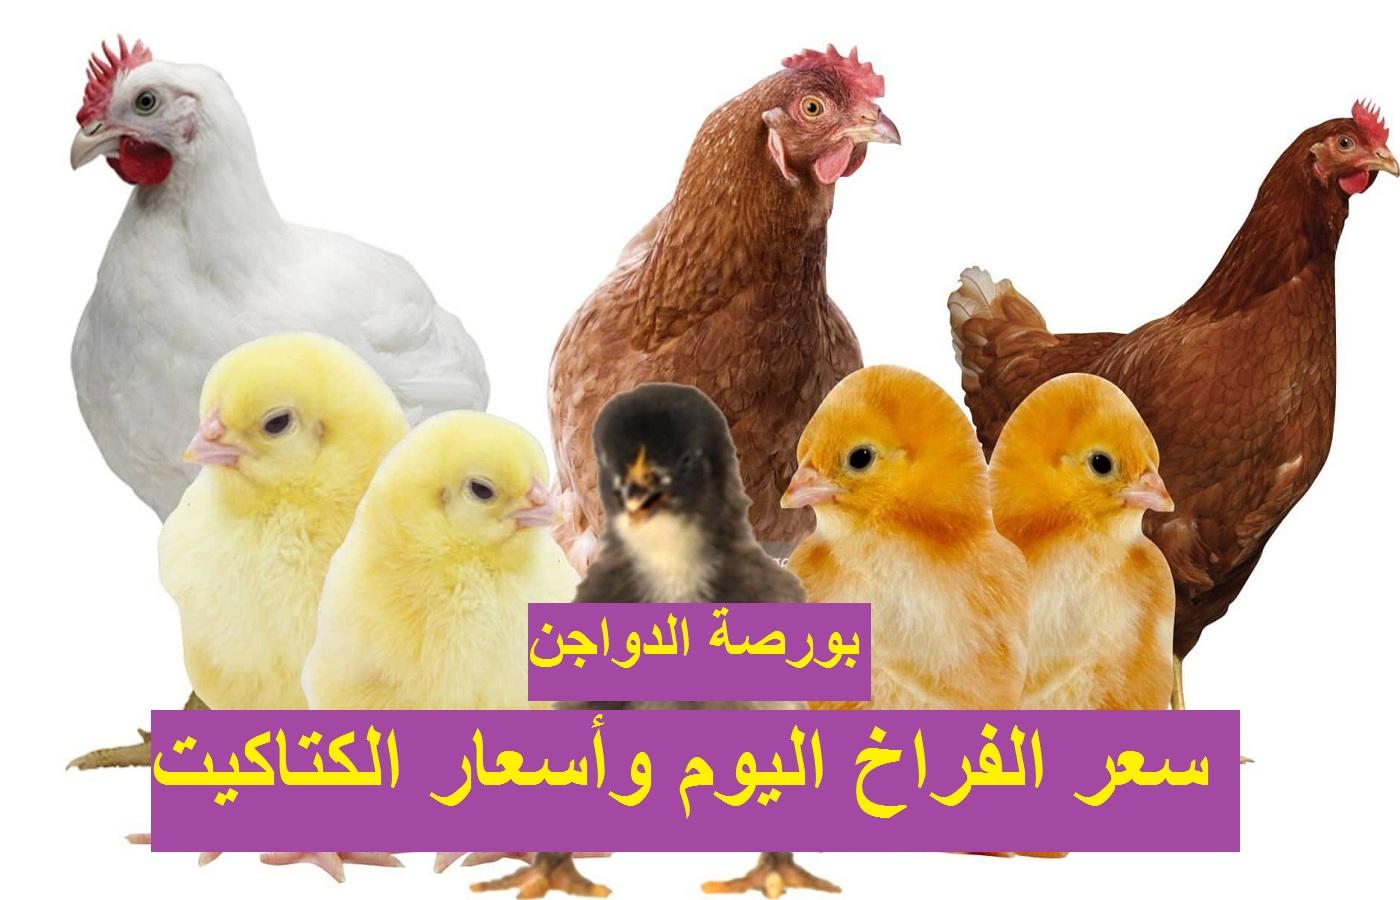 أسعار الدواجن.. ارتفاع سعر الفراخ اليوم الأحد 9 مايو وتأرجح كبير في سعر الكتكوت الابيض في بورصة الدواجن 14